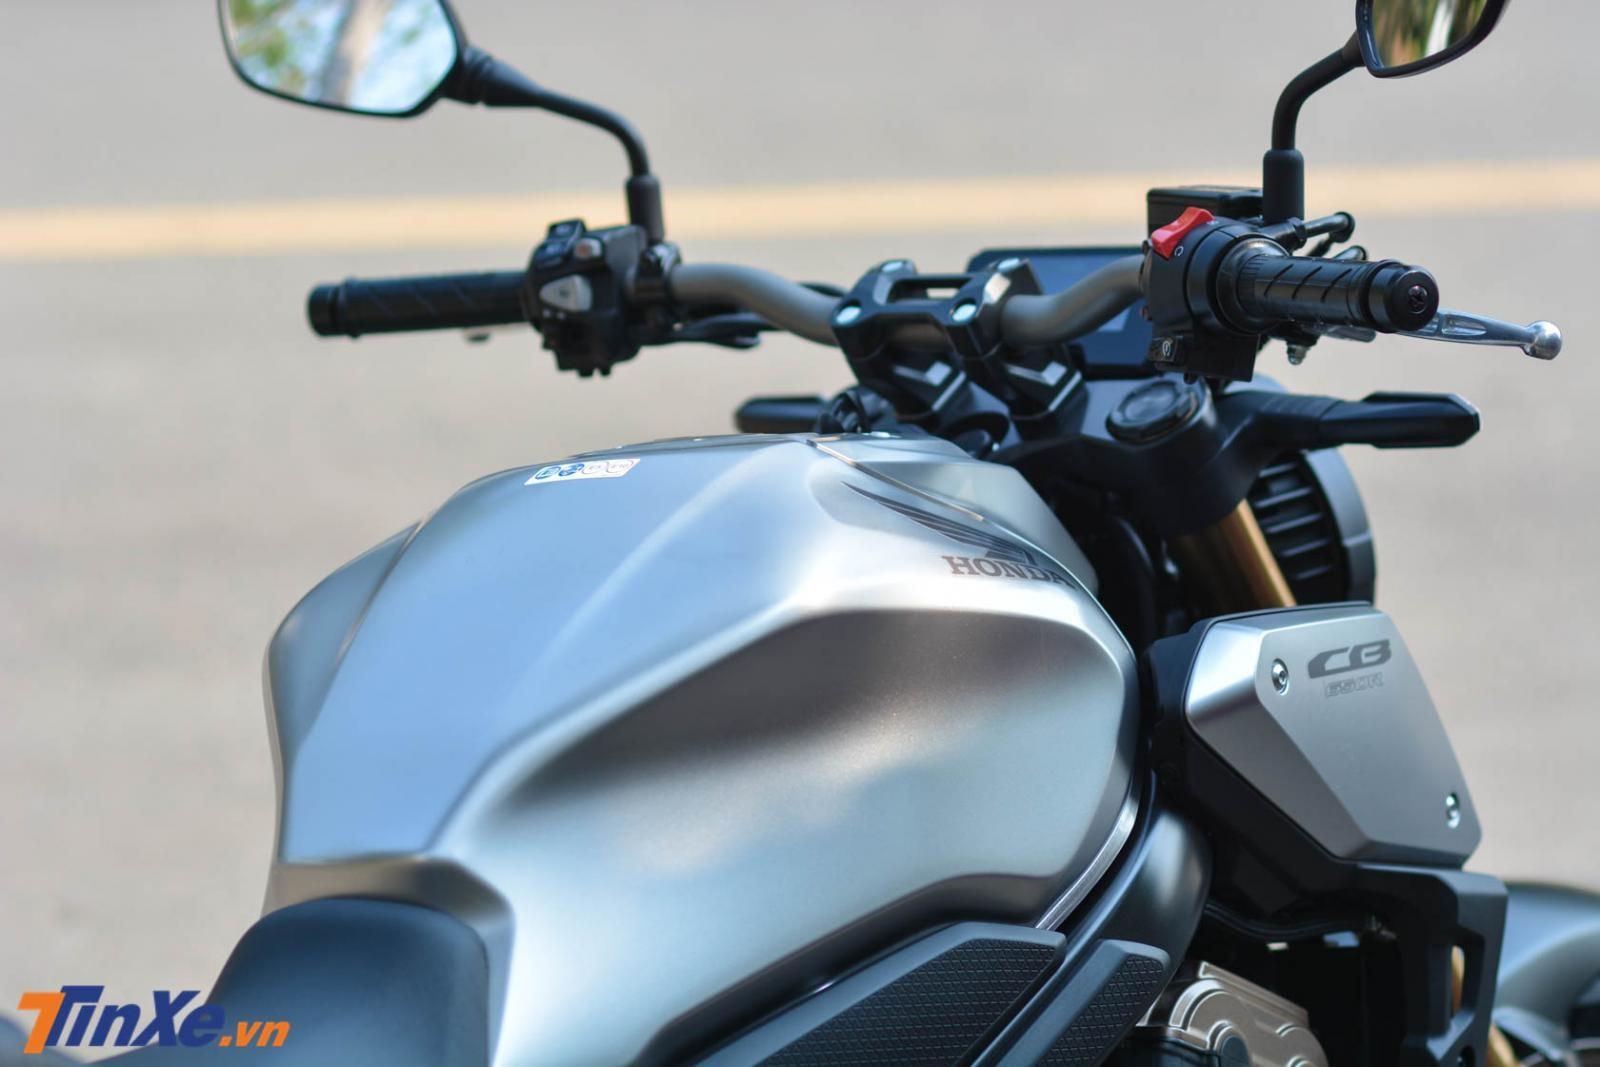 Trọng lượng xe Honda CB650R 2019 chỉ vào khoảng 202 kg, giảm 6 kg so với Honda CB650F